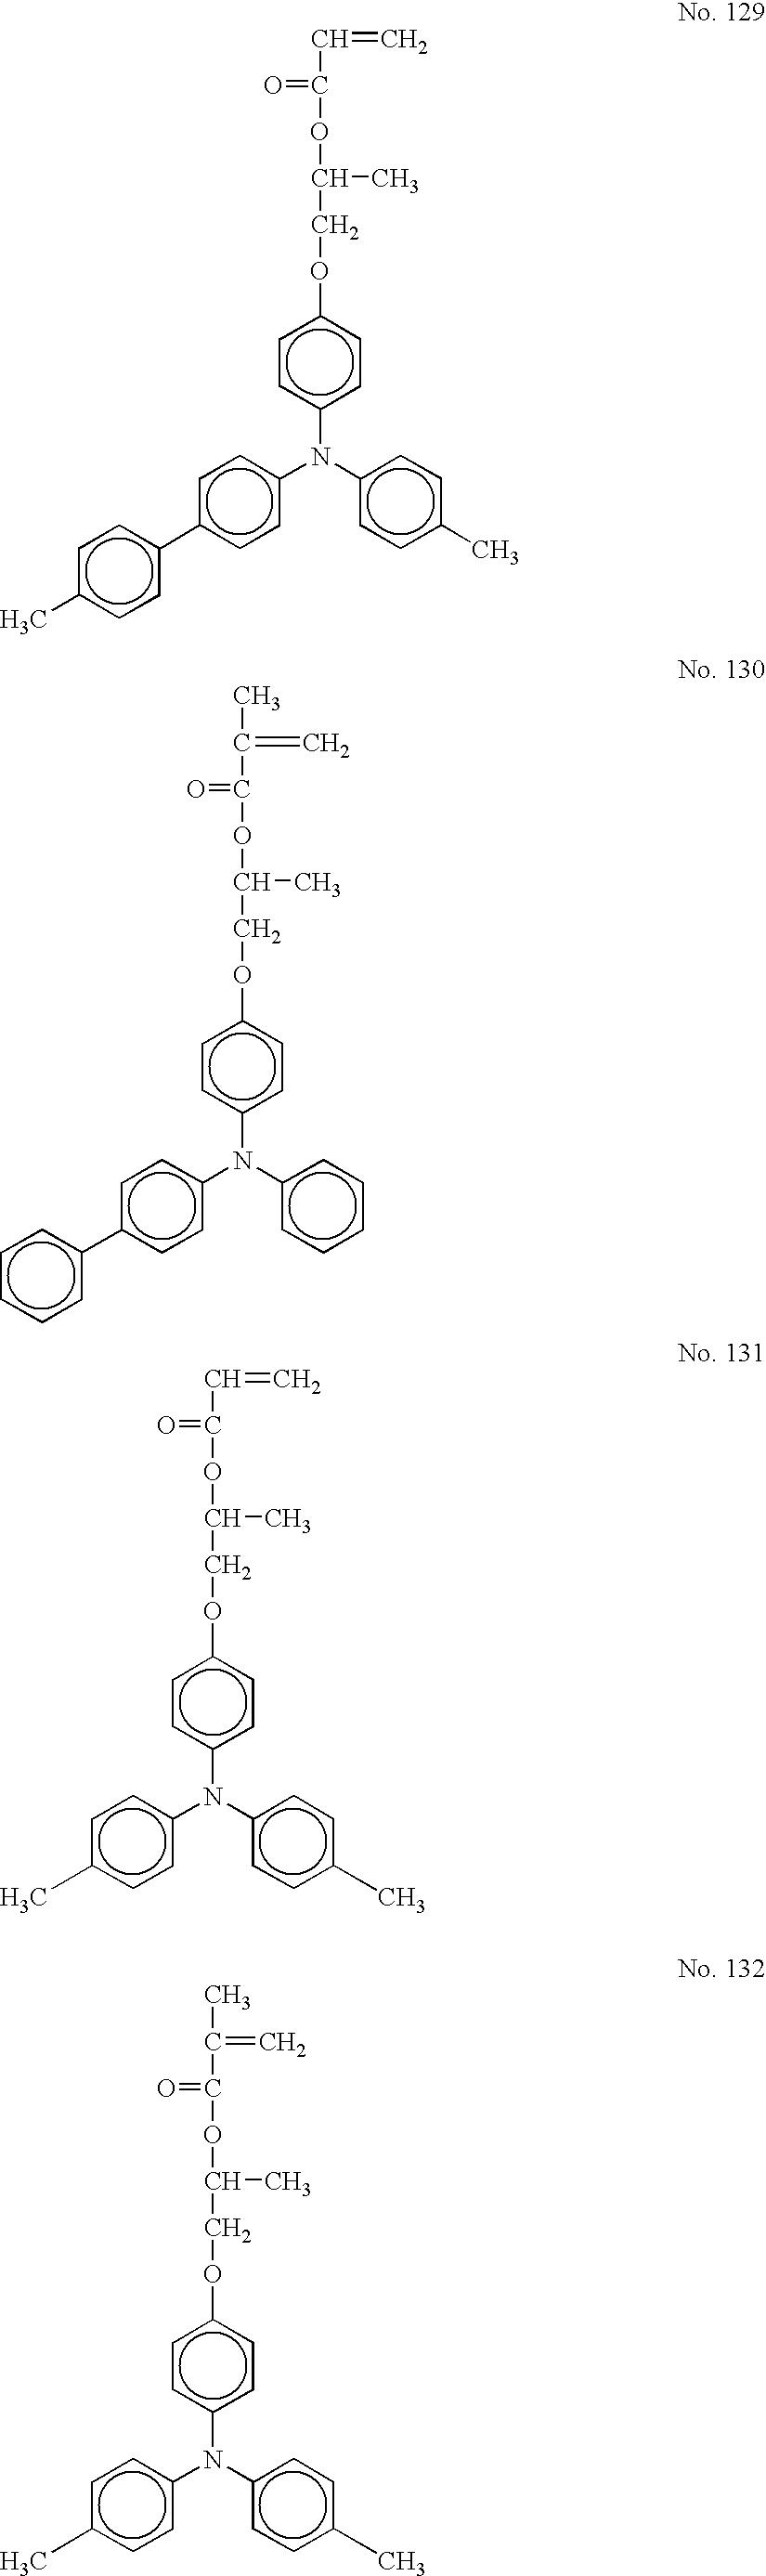 Figure US20070059619A1-20070315-C00043